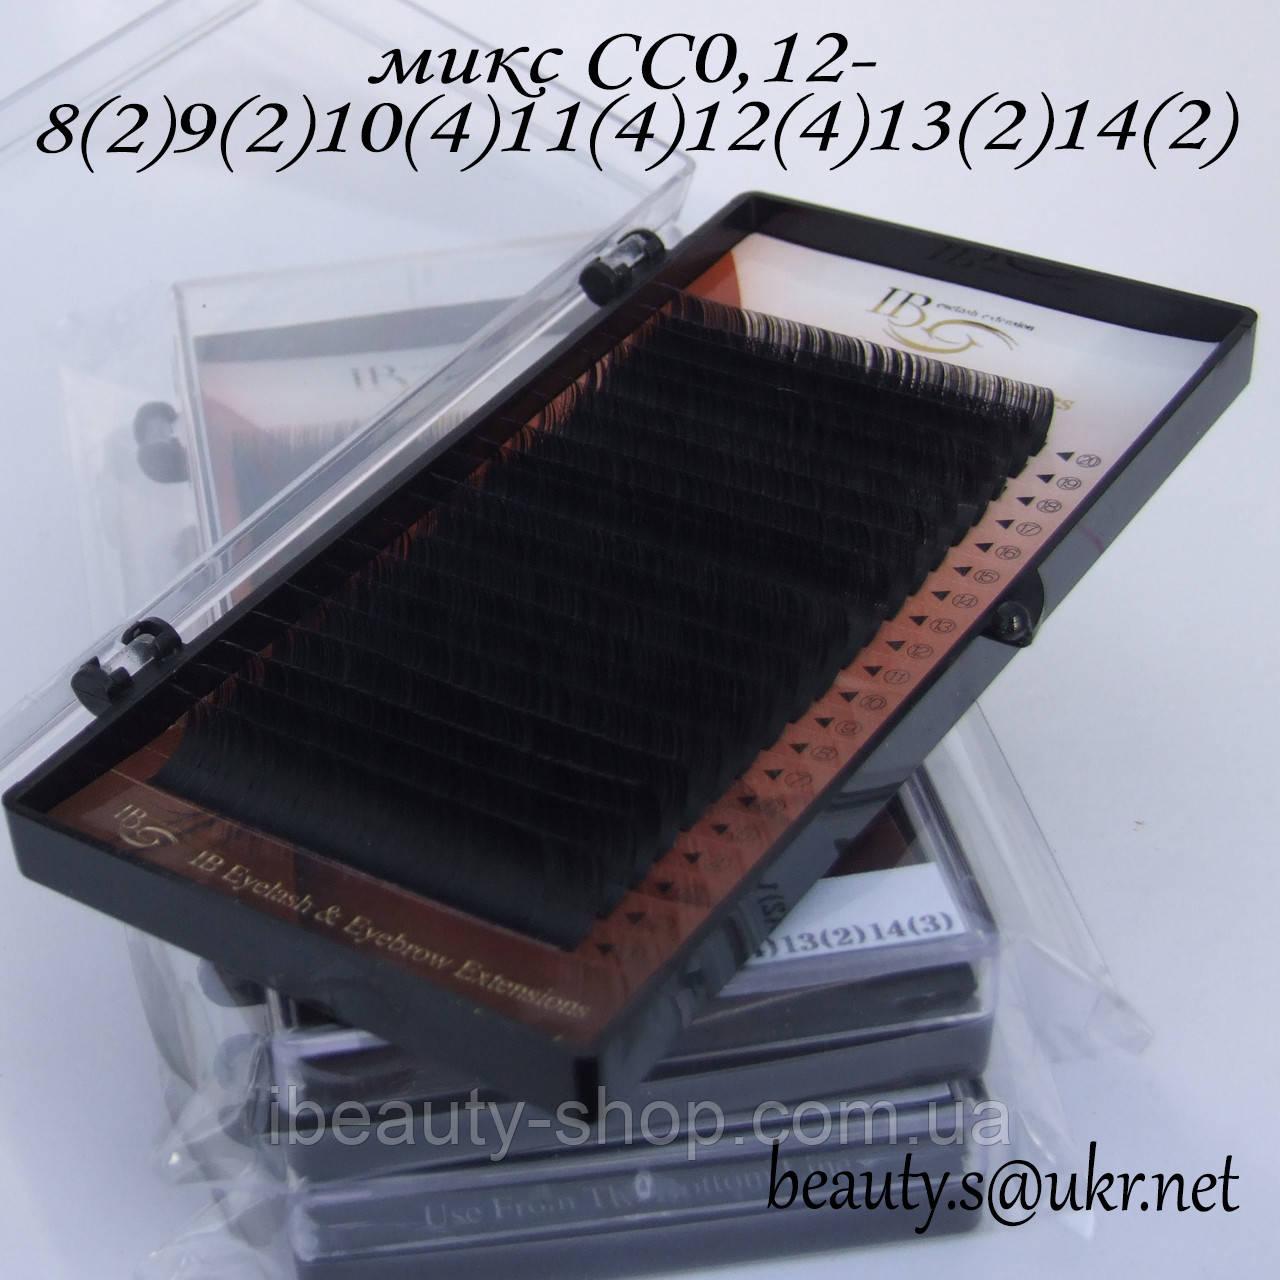 Ресницы I-Beauty микс СС-0,12 8-14мм